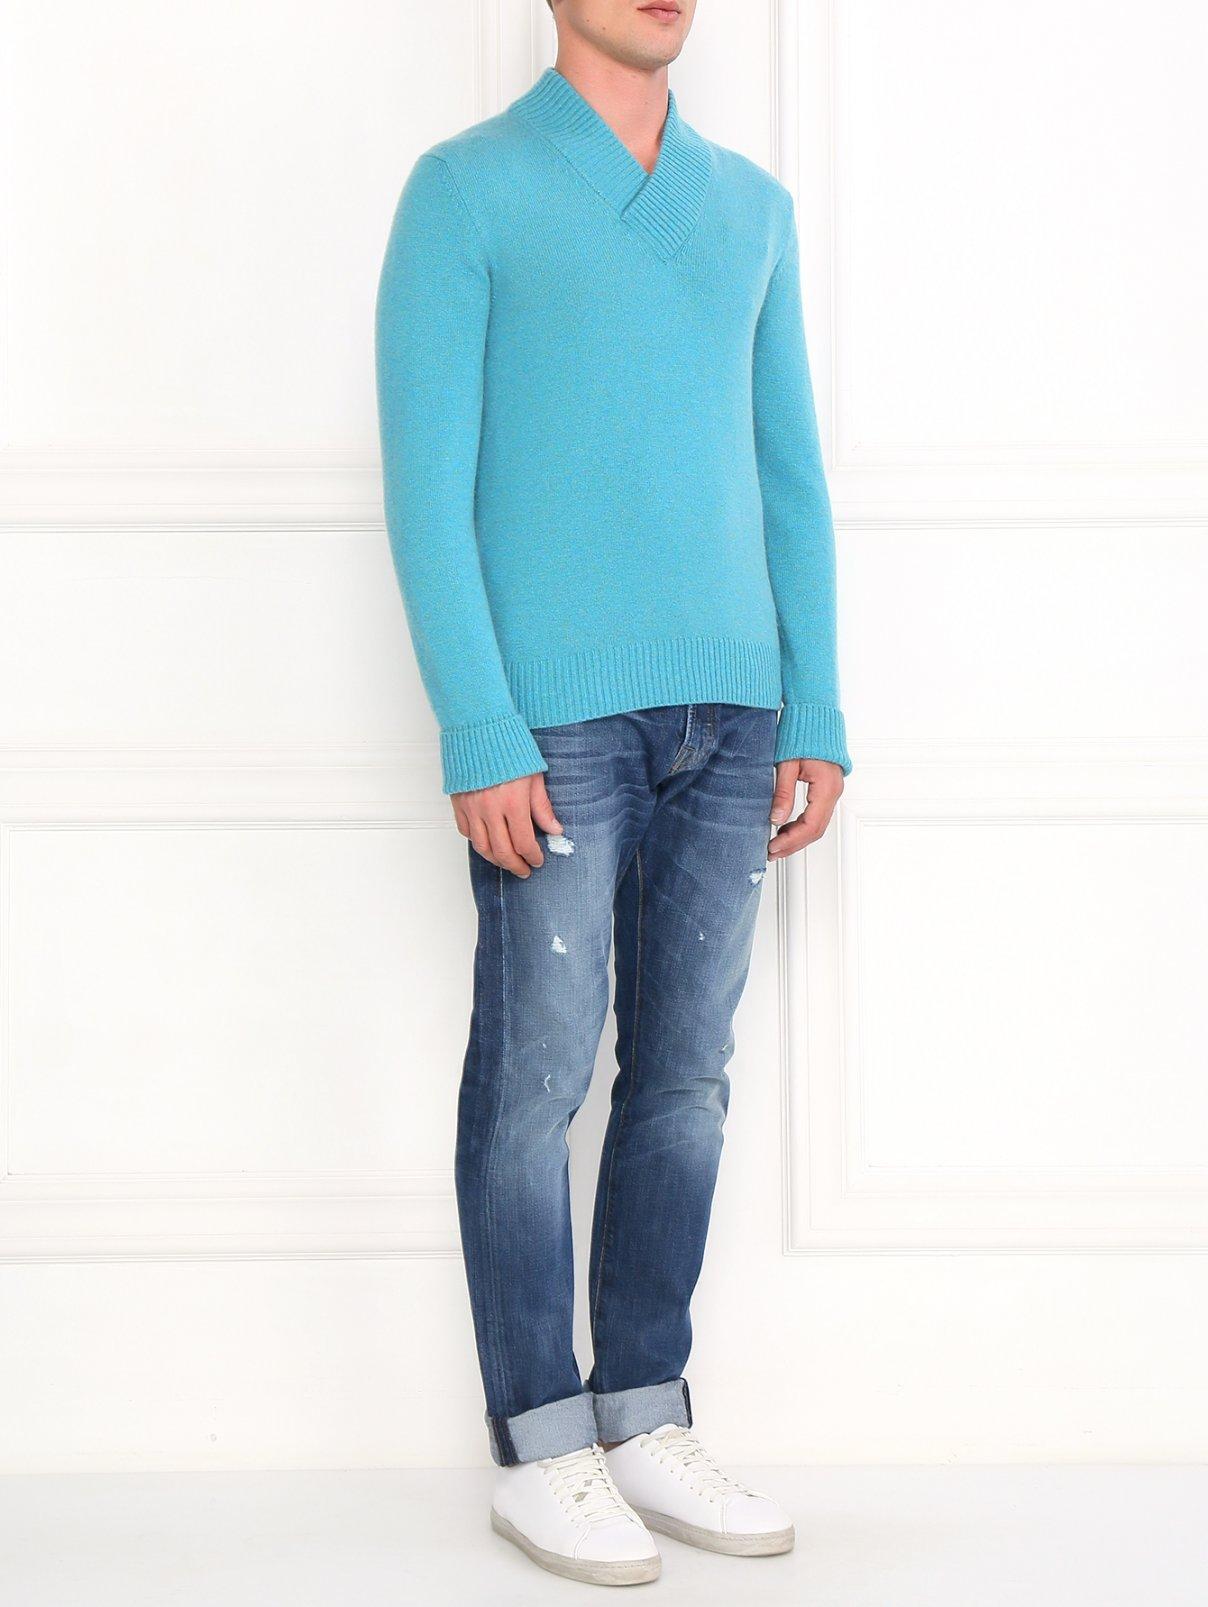 Пуловер из кашемира  свободного кроя Ballantyne  –  Модель Общий вид  – Цвет:  Синий